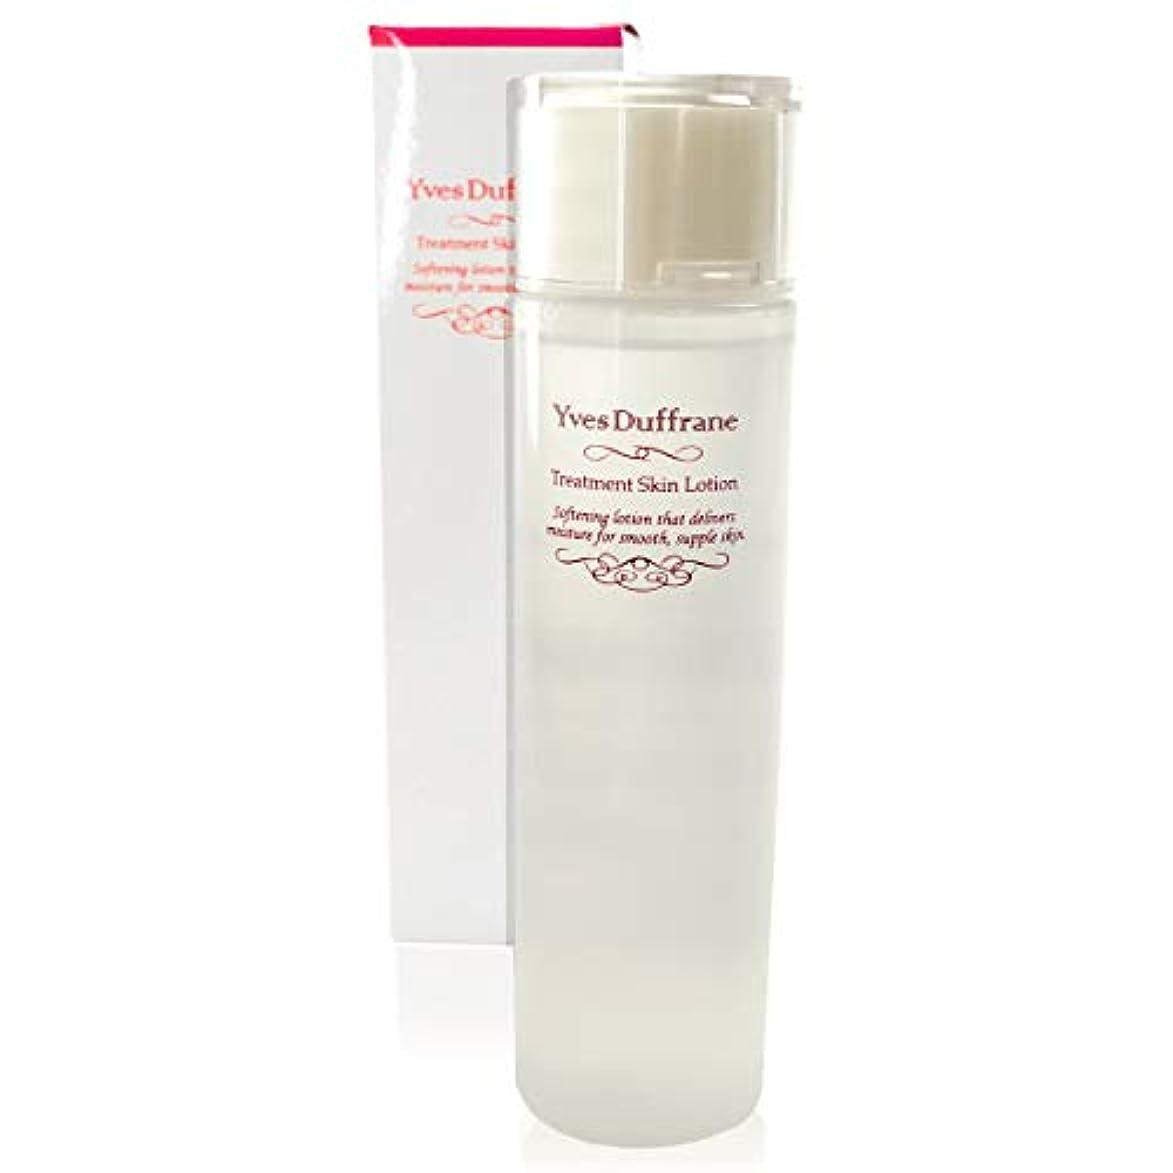 シソーラス組み合わせるこっそり化粧水/セラミド アミノ酸/人気 敏感肌 保湿 おすすめ [トリートメントスキンローション]